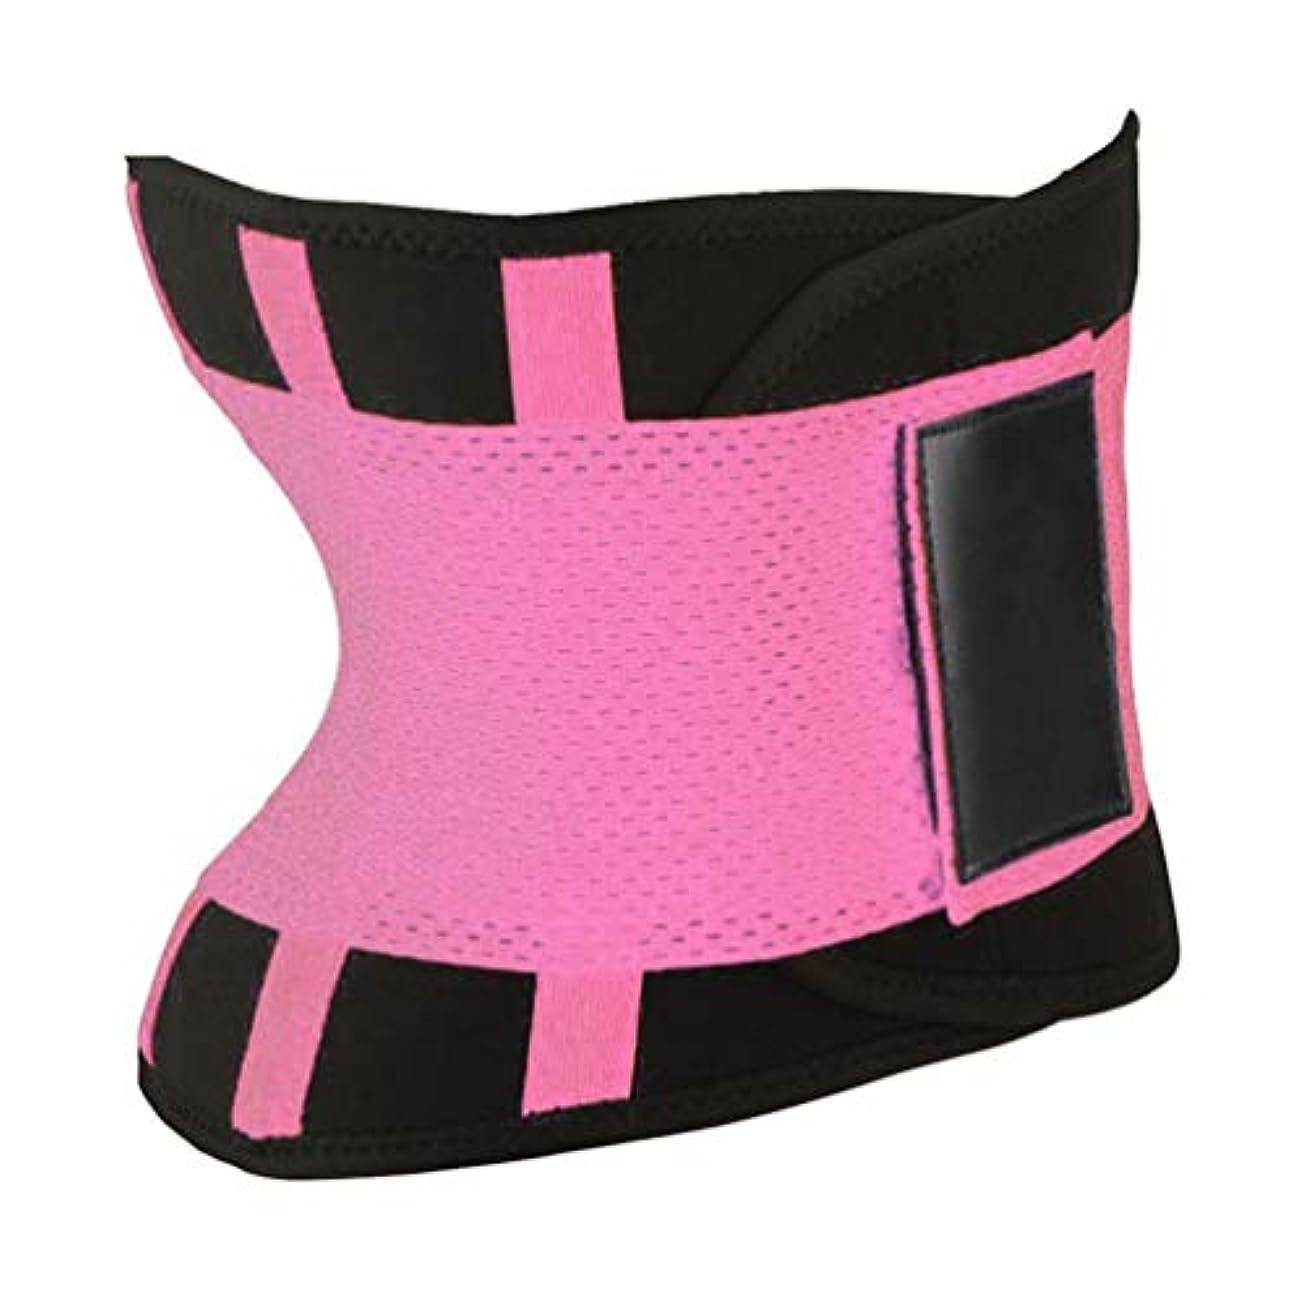 一過性虚弱識別する快適な女性ボディシェイパー痩身シェイパーベルトスポーツ女性ウエストトレーナーニッパー制御バーニングボディおなかベルト - ピンク2xl